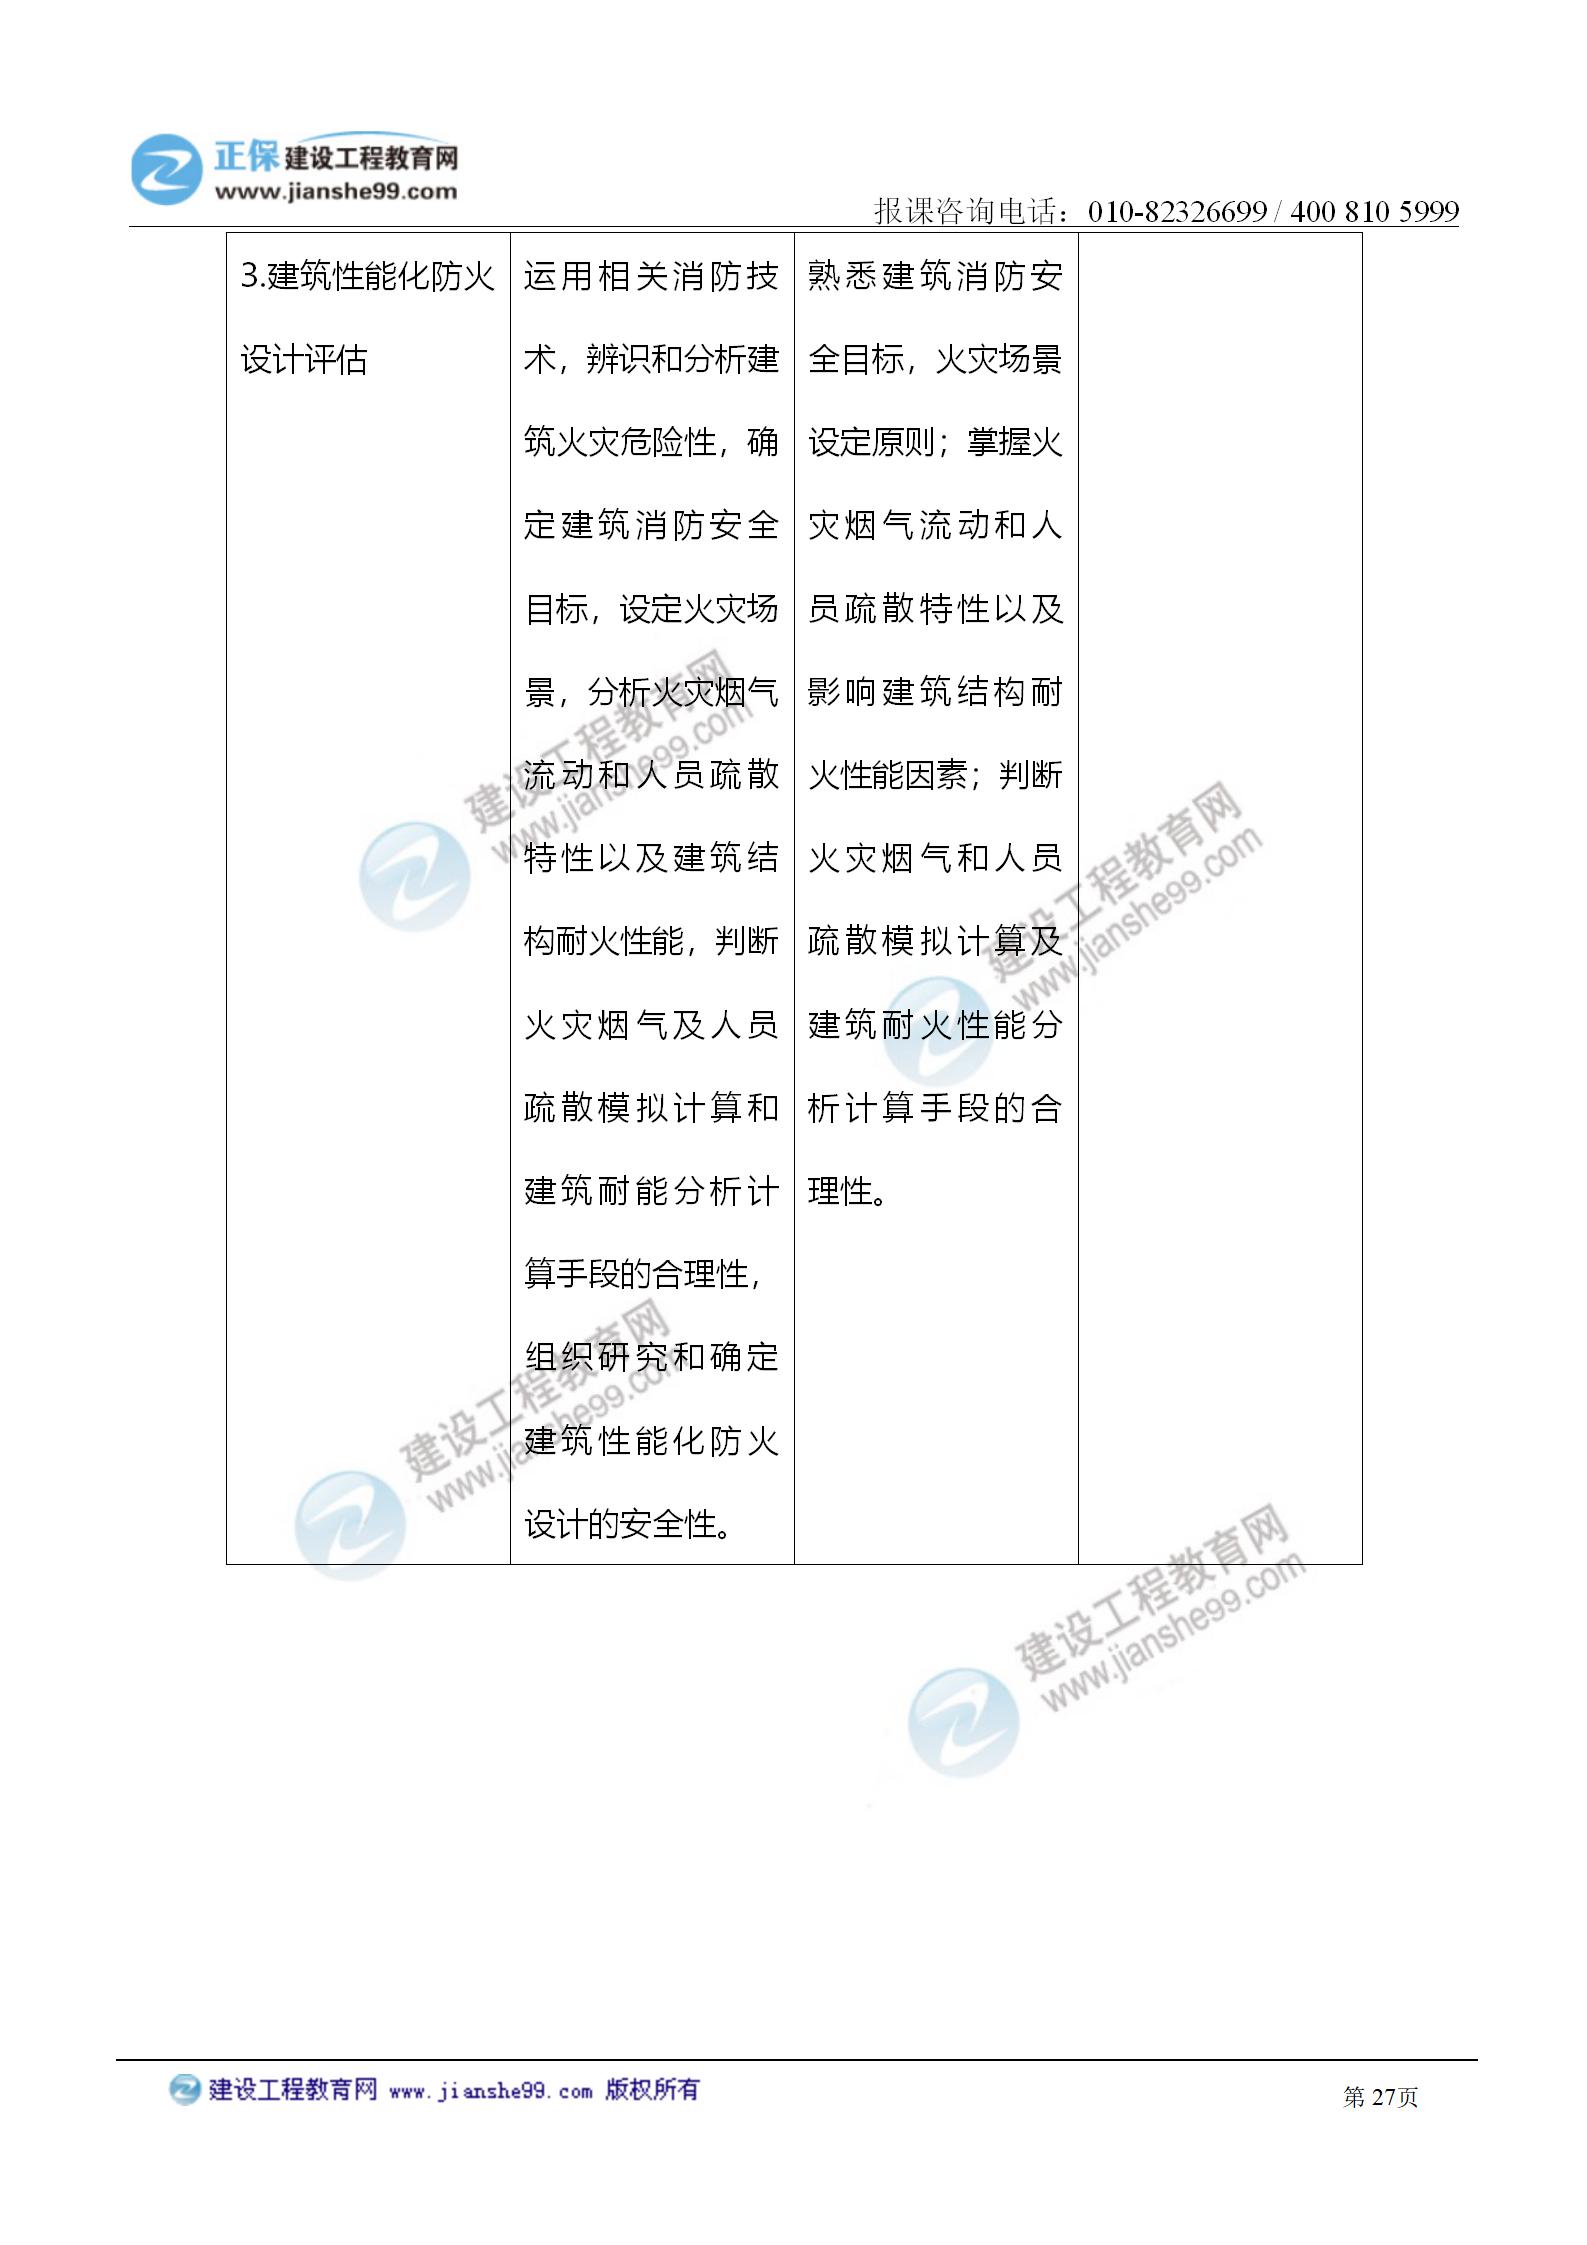 2021注册消防工程师《技术实务》考试大纲变化情况_27